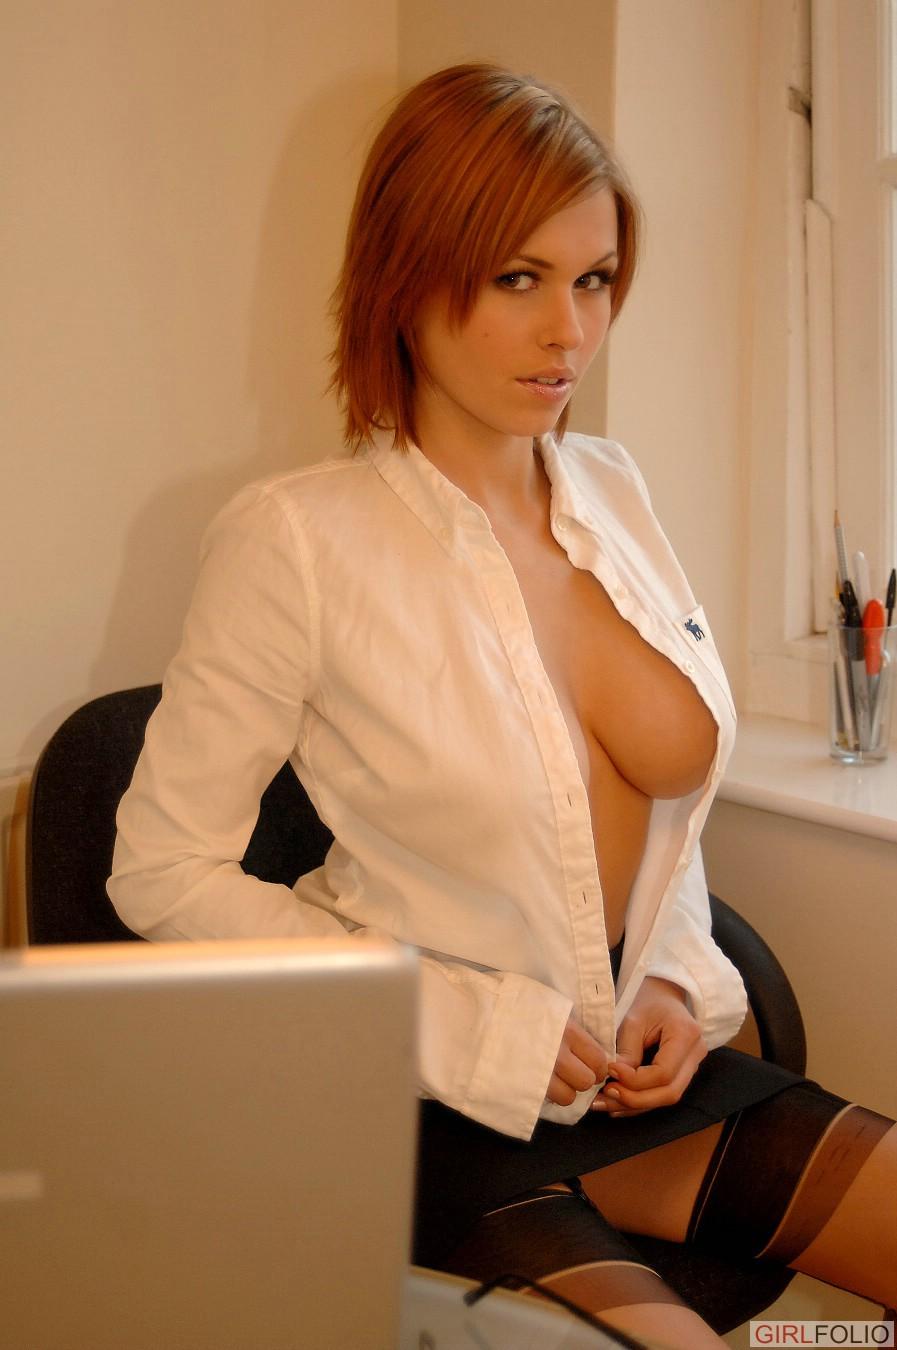 http://2.bp.blogspot.com/_vvMUg8mhXp4/SwqDyFwx0YI/AAAAAAAACbc/_ytCiEuBbso/s1600/iga1.jpg